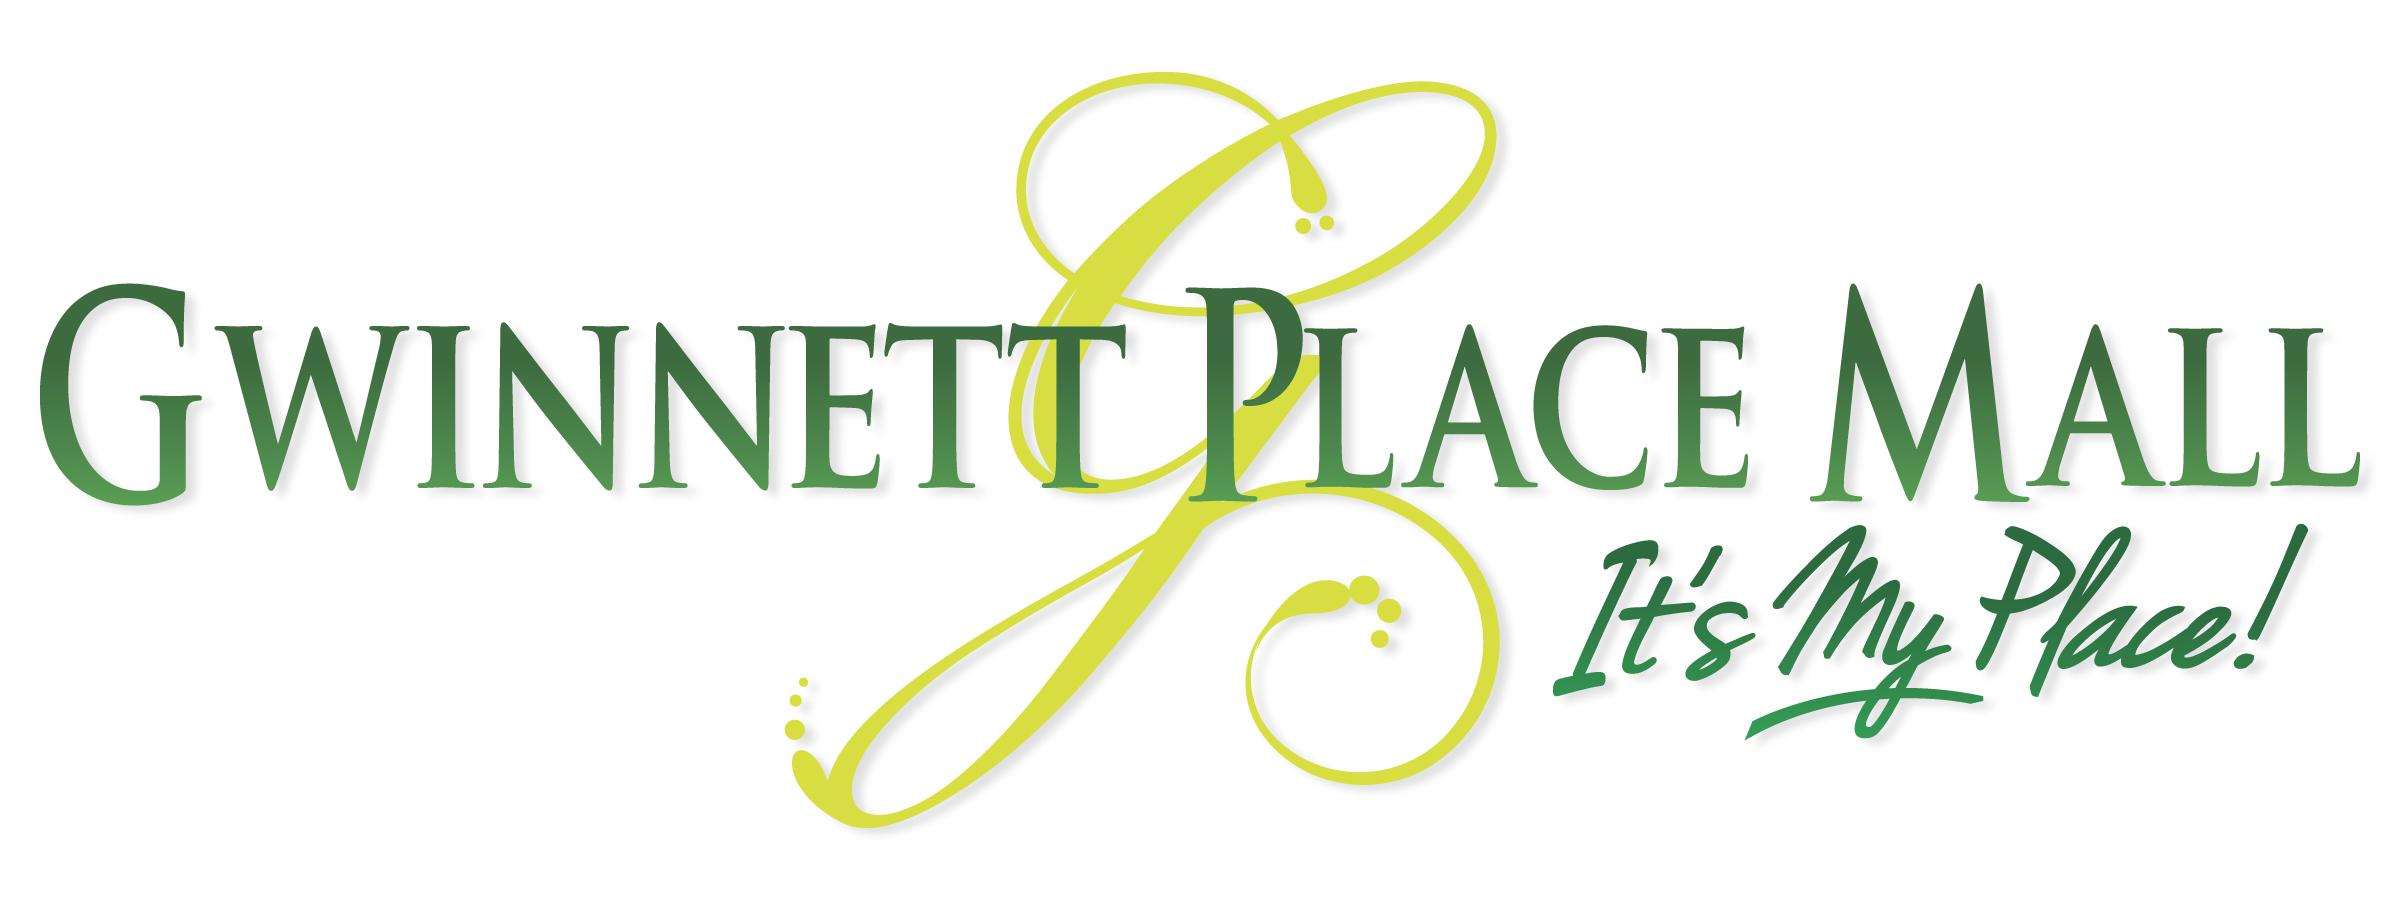 gwinnett place